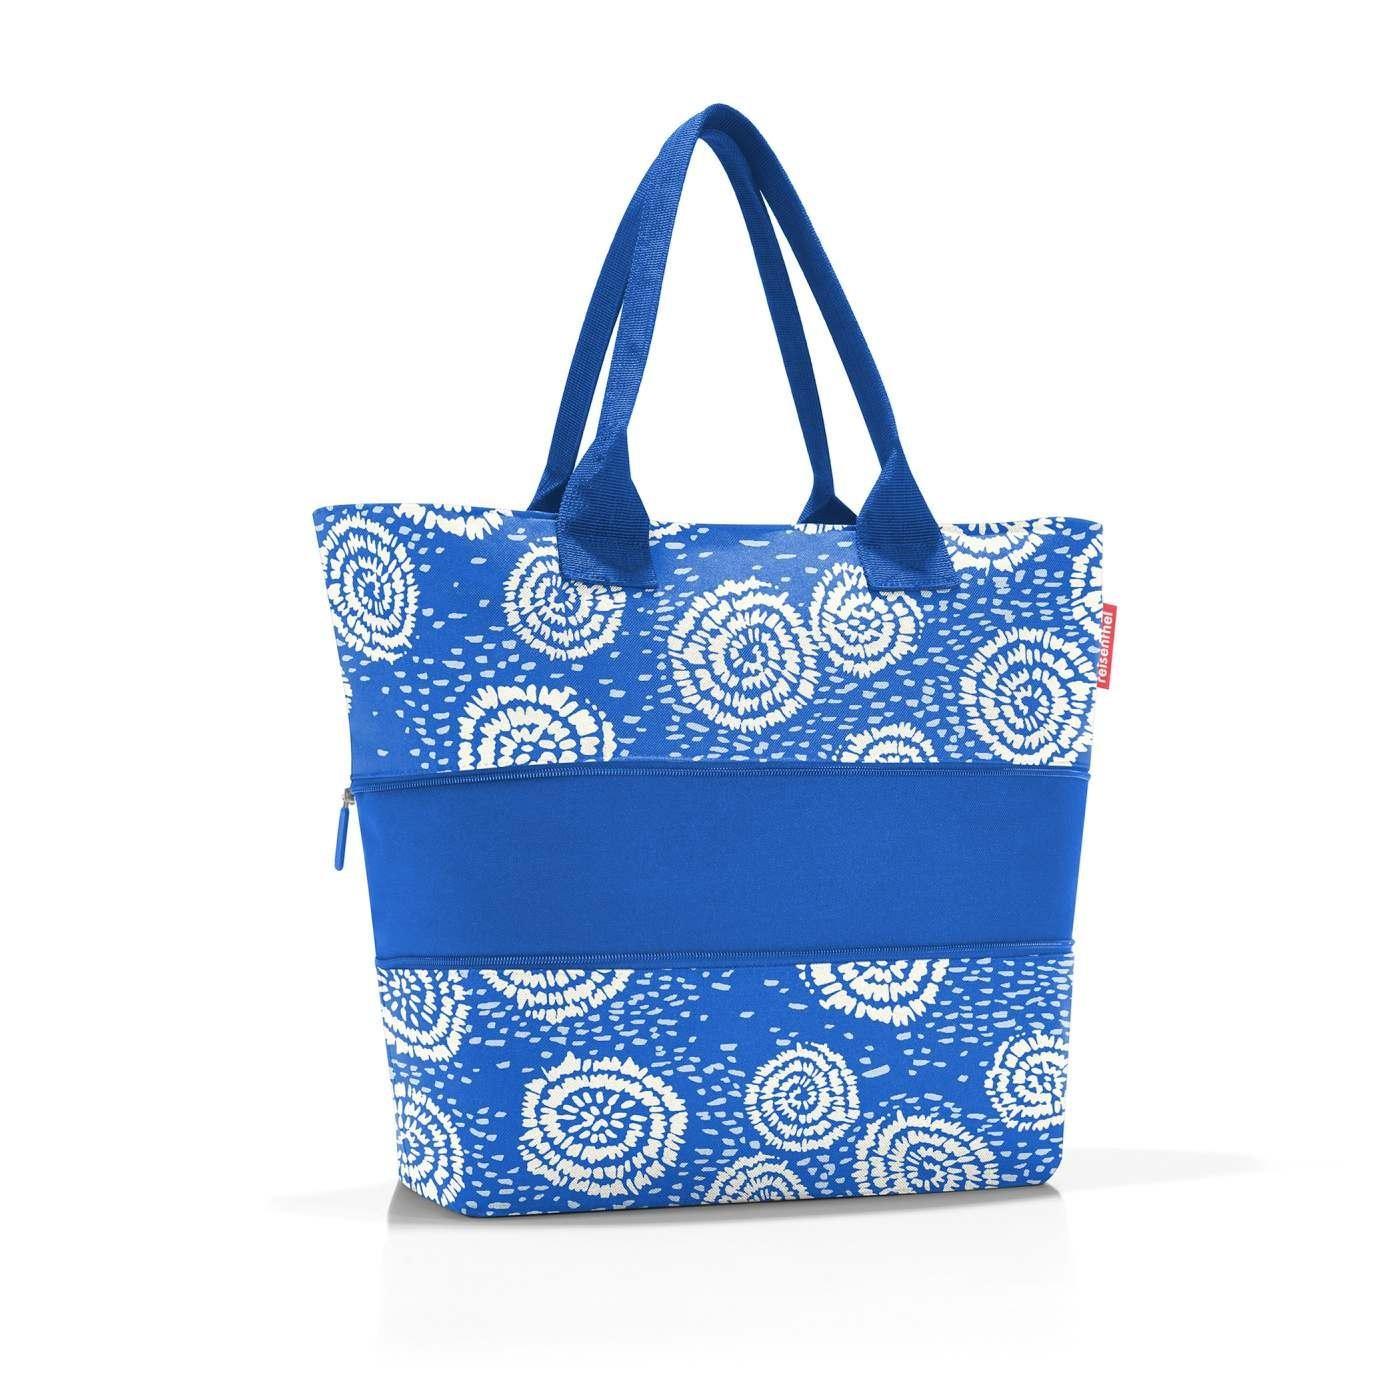 Chytrá taška přes rameno Shopper e1 batik strong blue_0